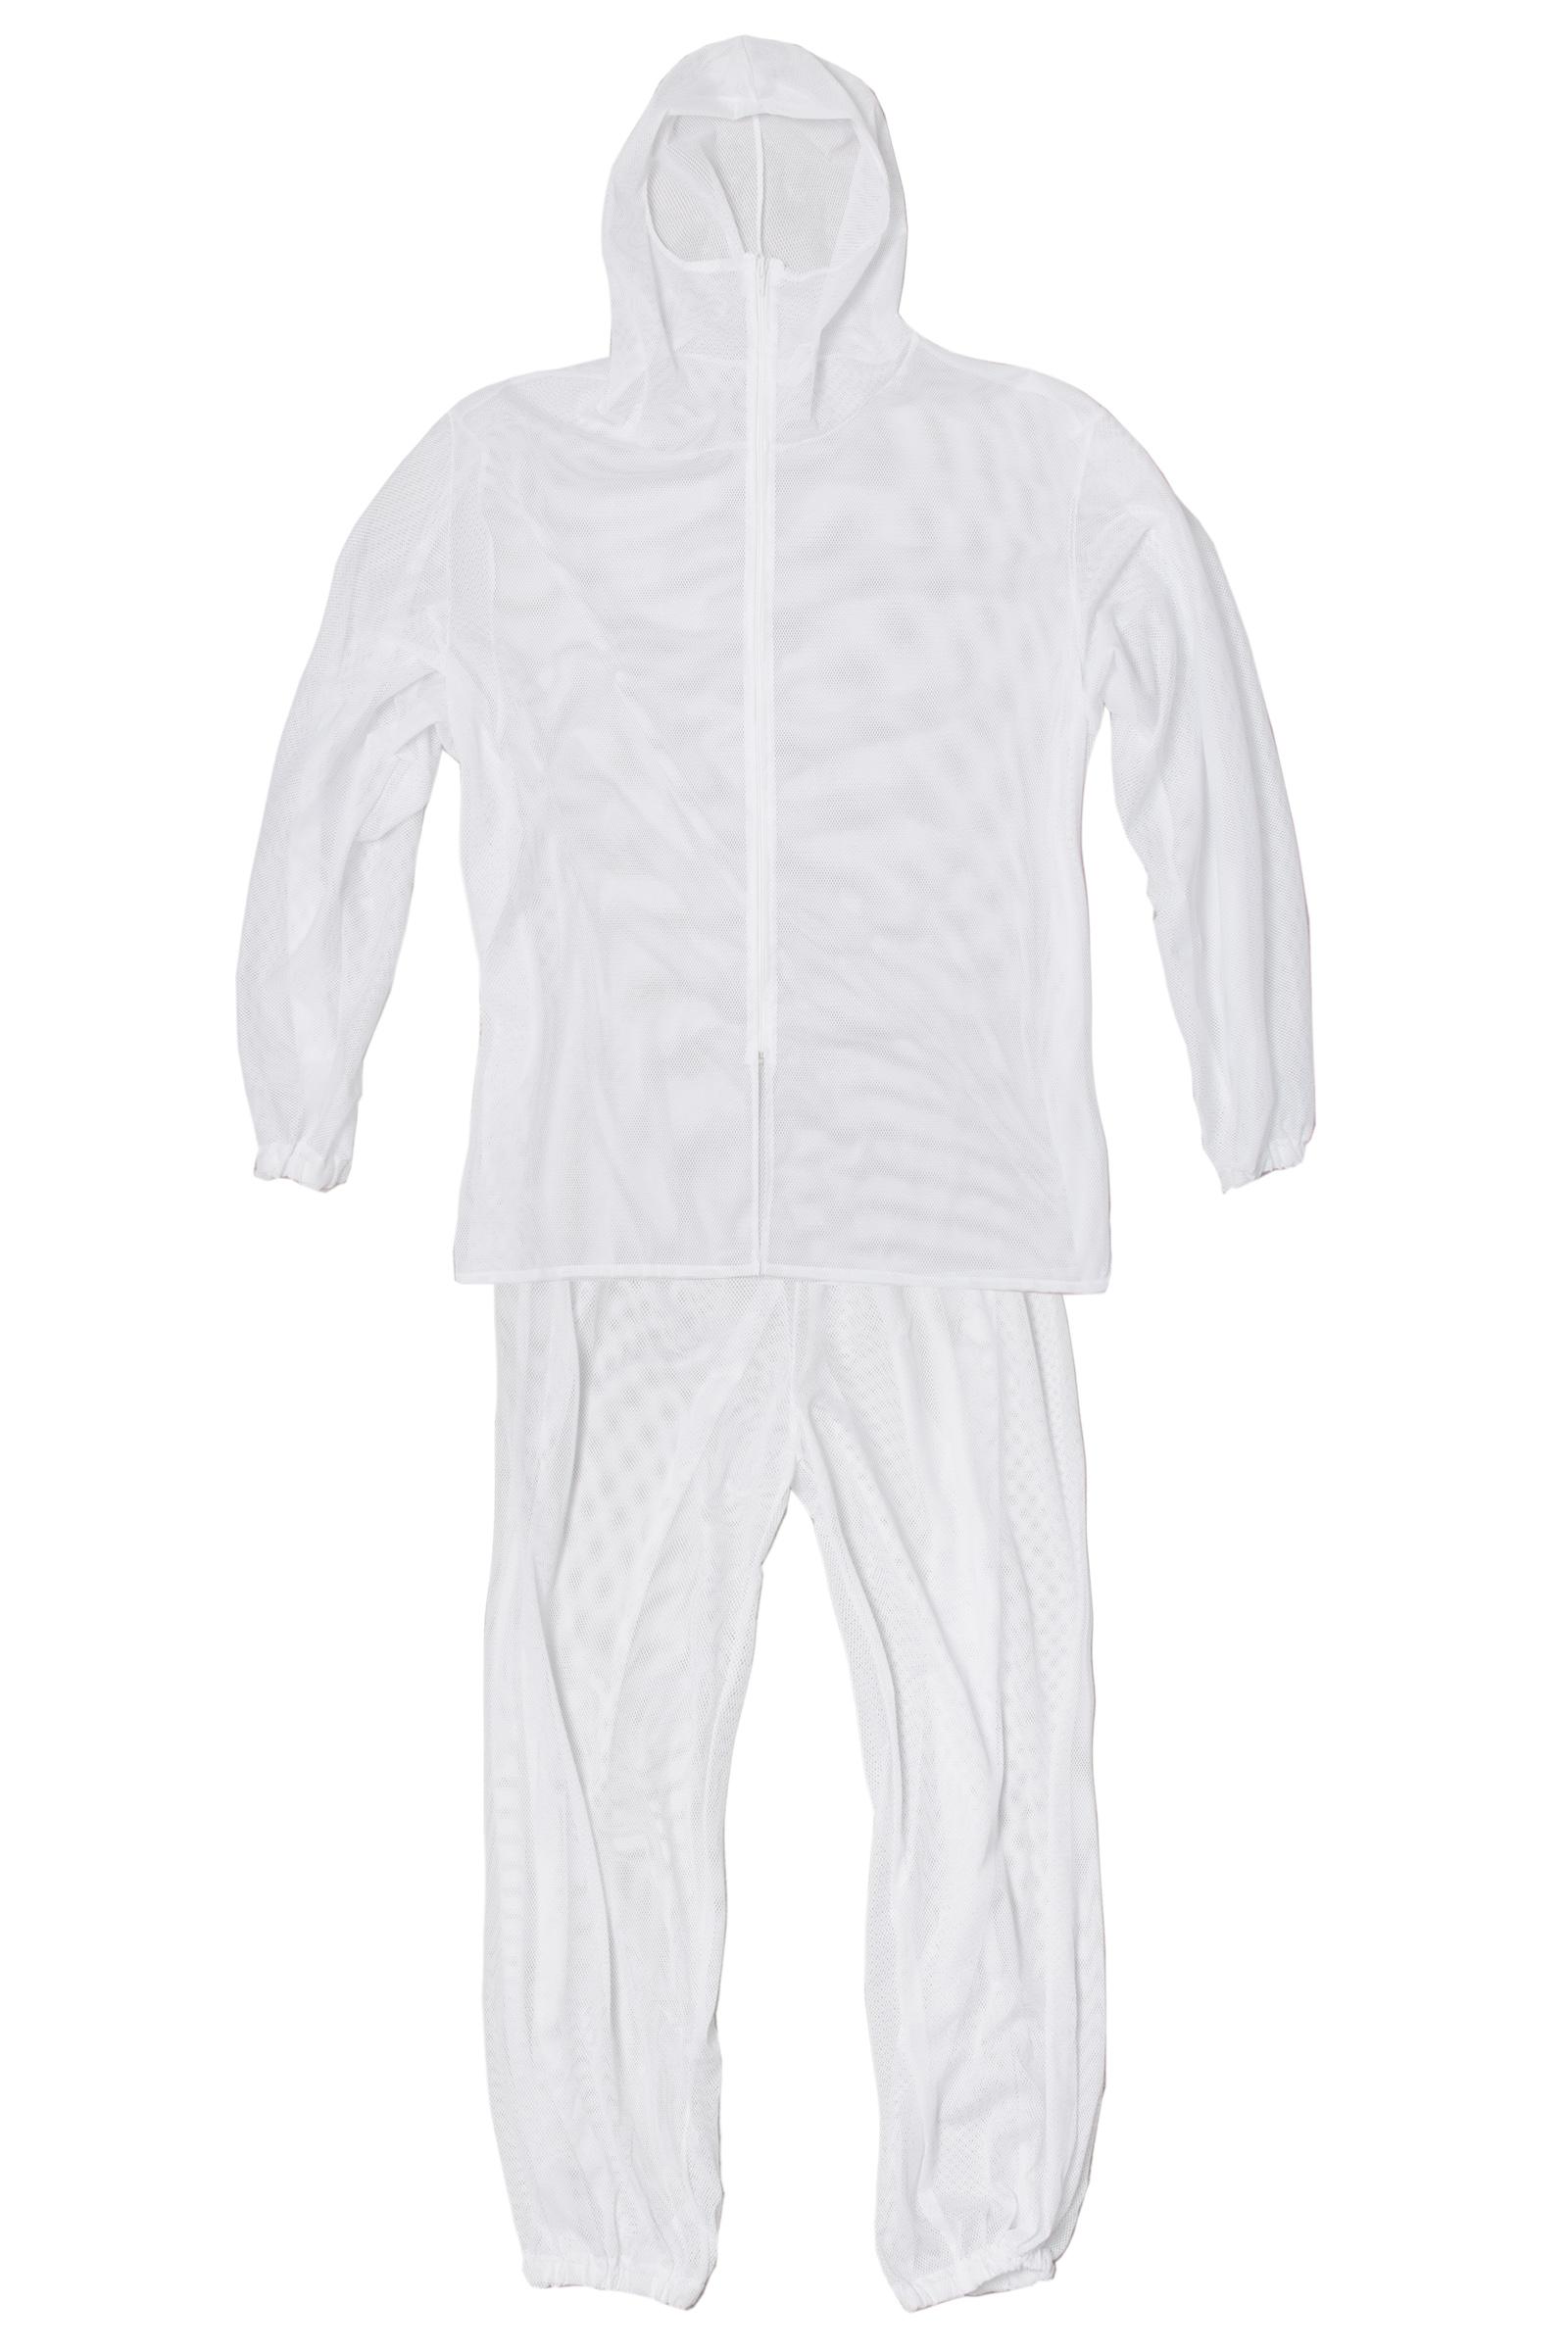 Фото № 1 Маскировочный костюм К-104 - купить по доступным ценам